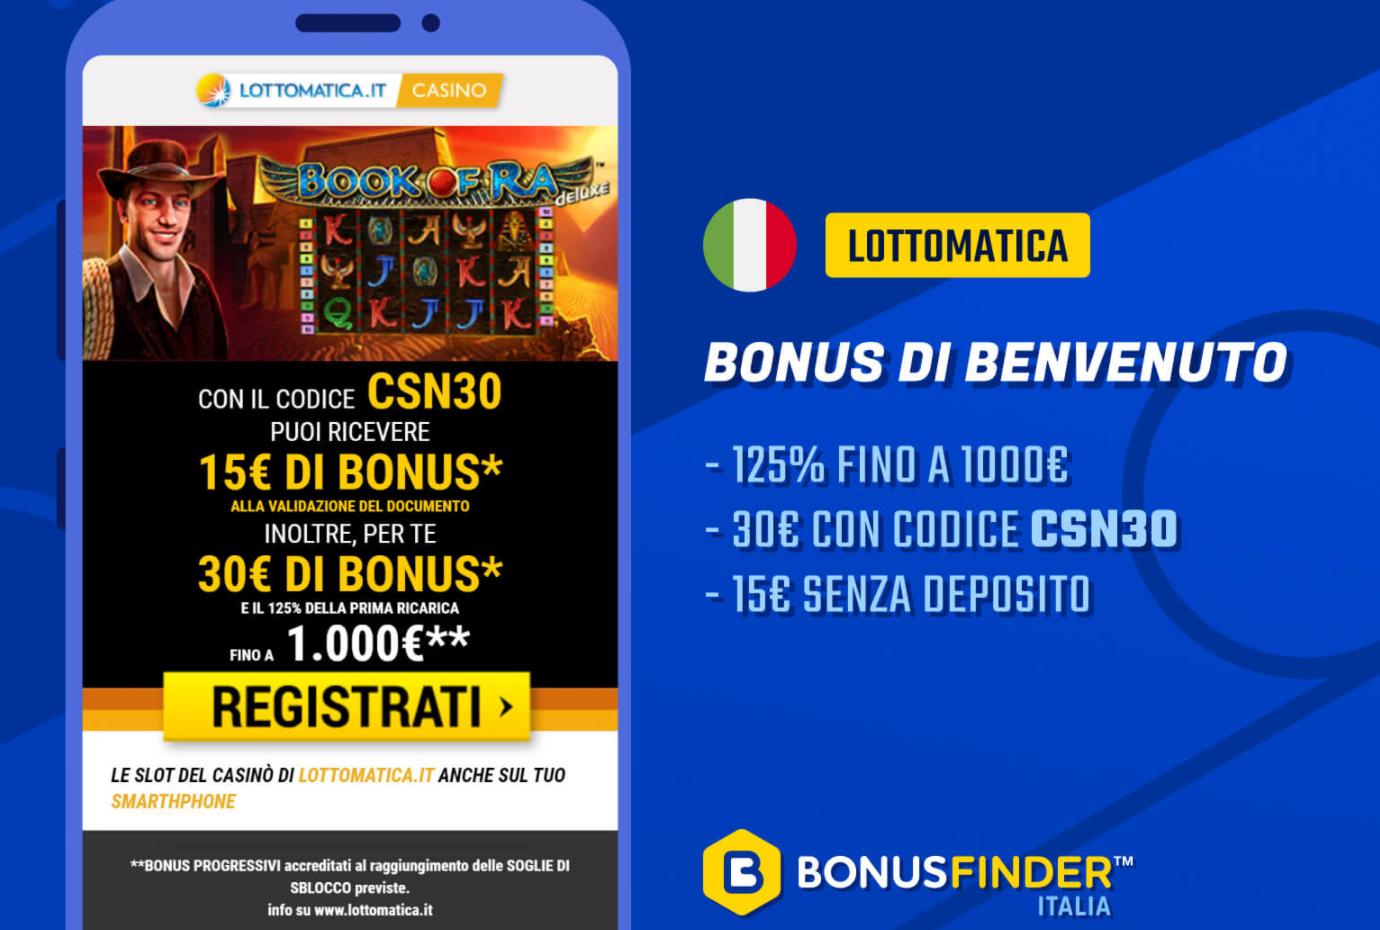 Italia accesso Lottomatica